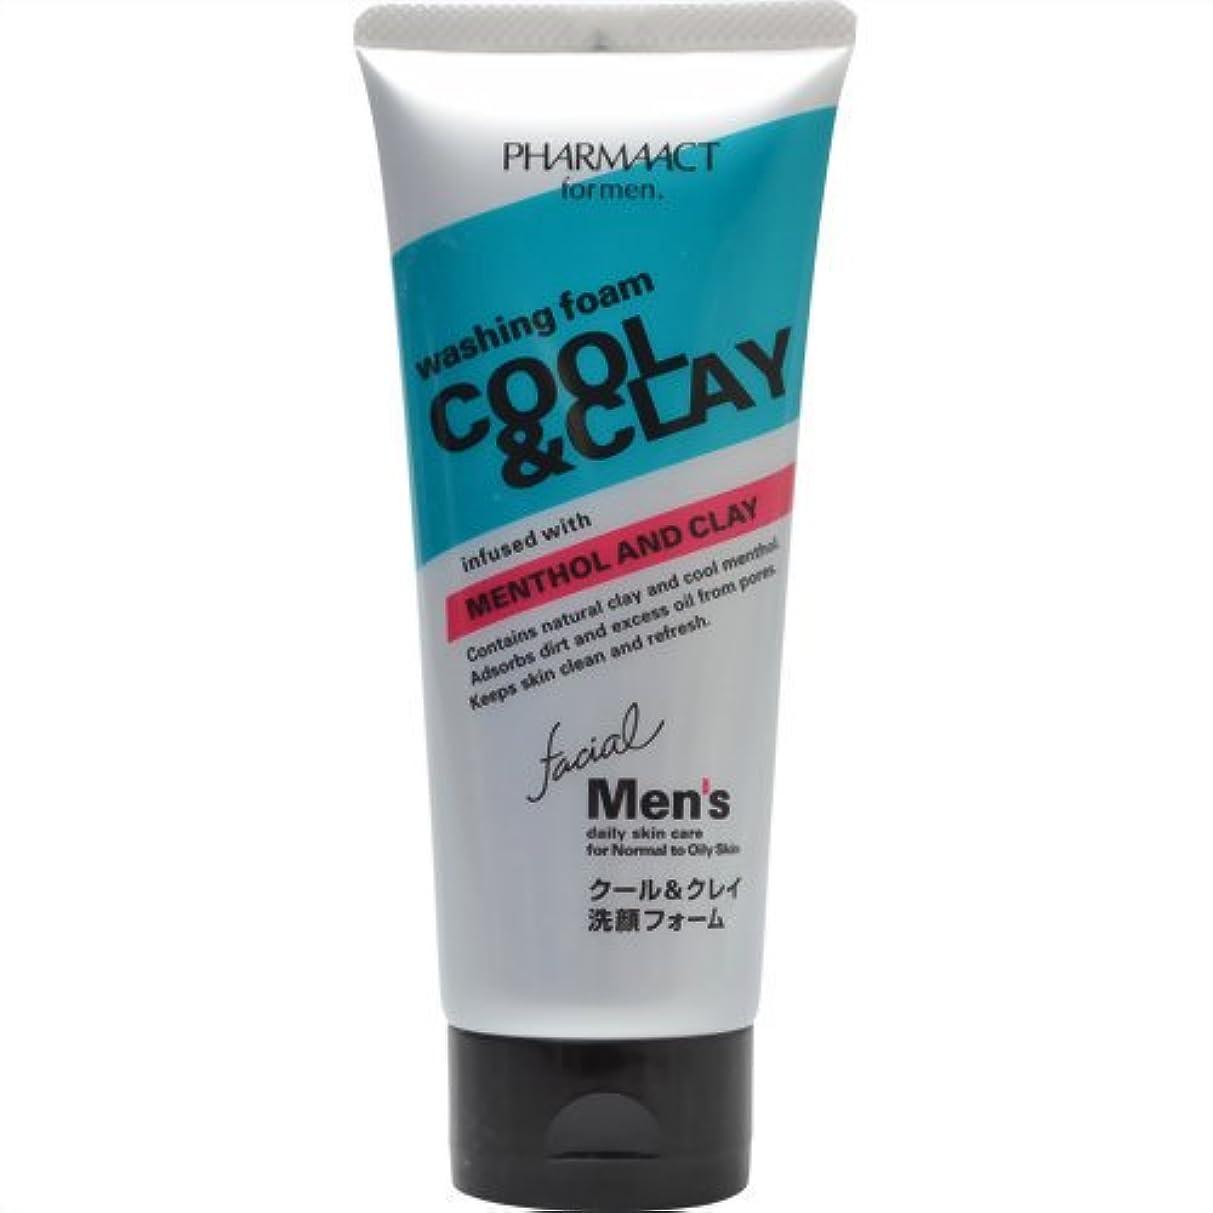 独特の満員触手ファーマアクト メンズ クール&クレイ洗顔フォーム 130g